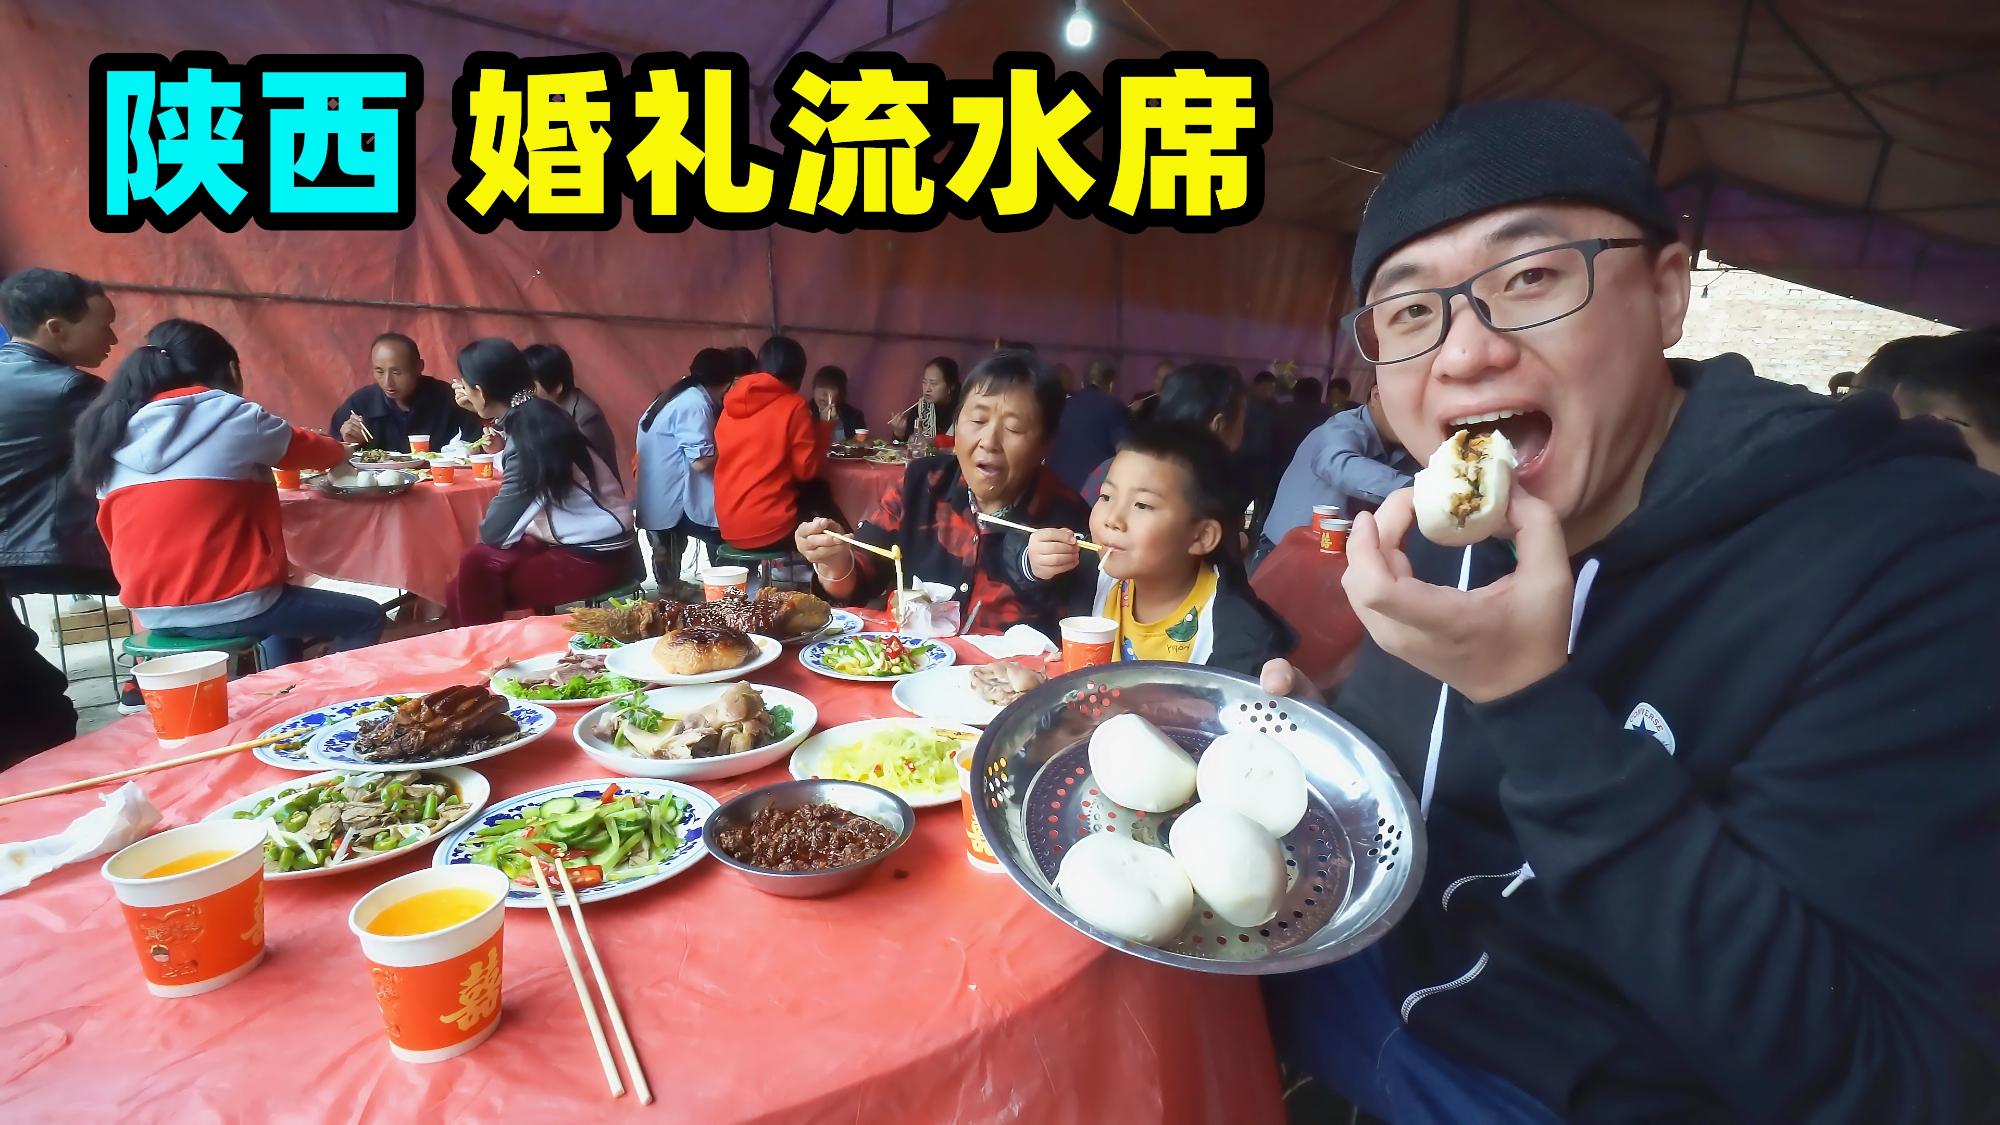 陕西农村流水席,大锅大灶烹饪,阿星吃乾县酸汤挂面,酱辣子夹馍